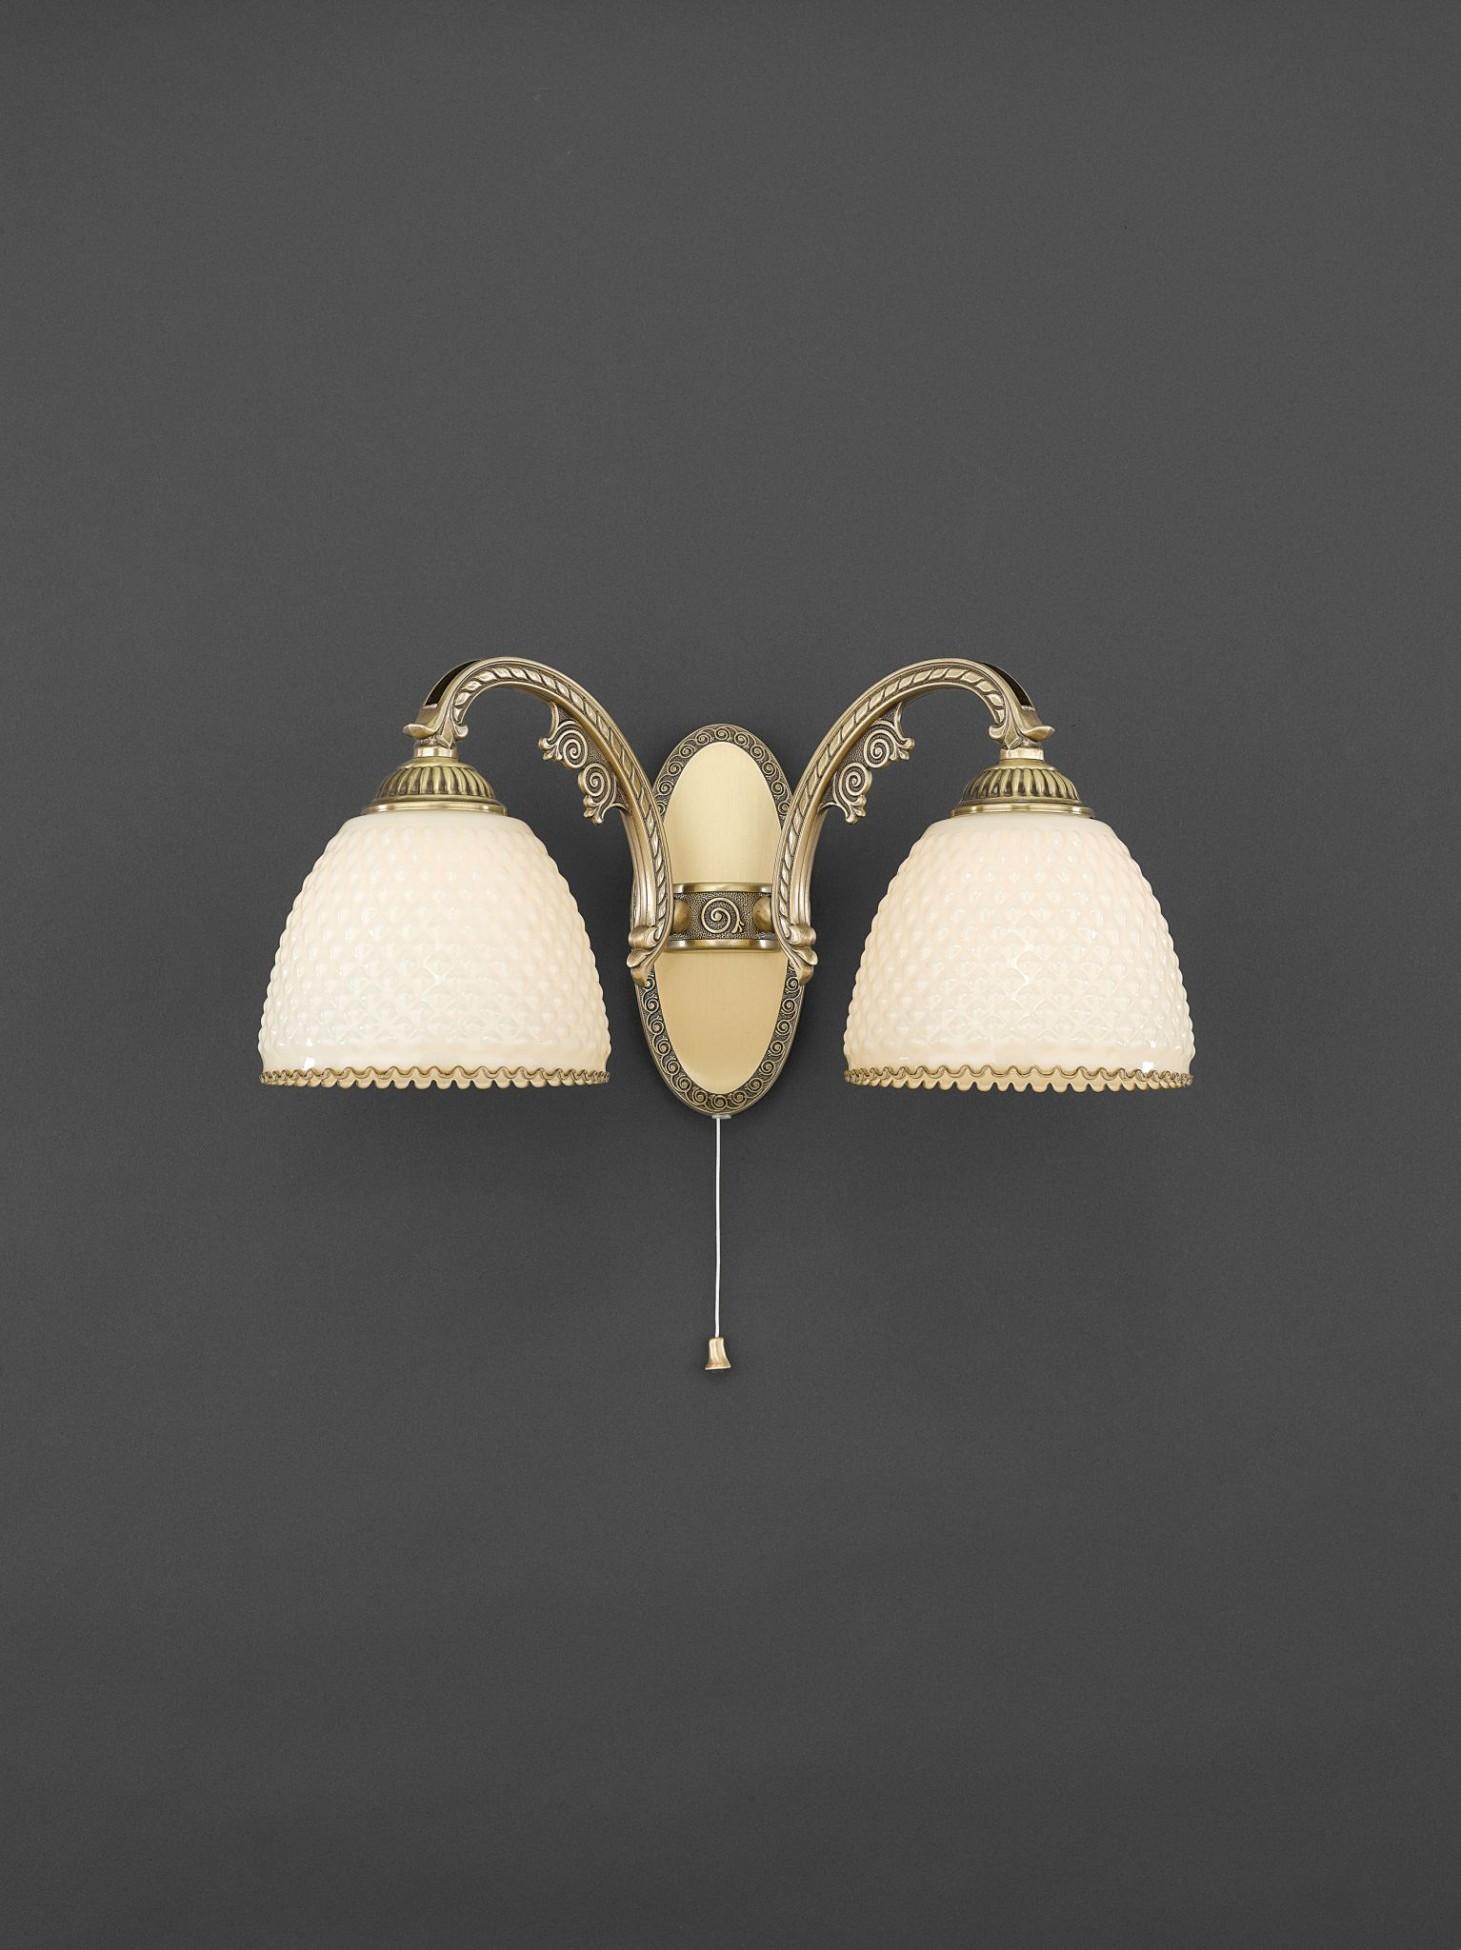 wandlampe aus messing und elfenbein glas 2 flammig. Black Bedroom Furniture Sets. Home Design Ideas